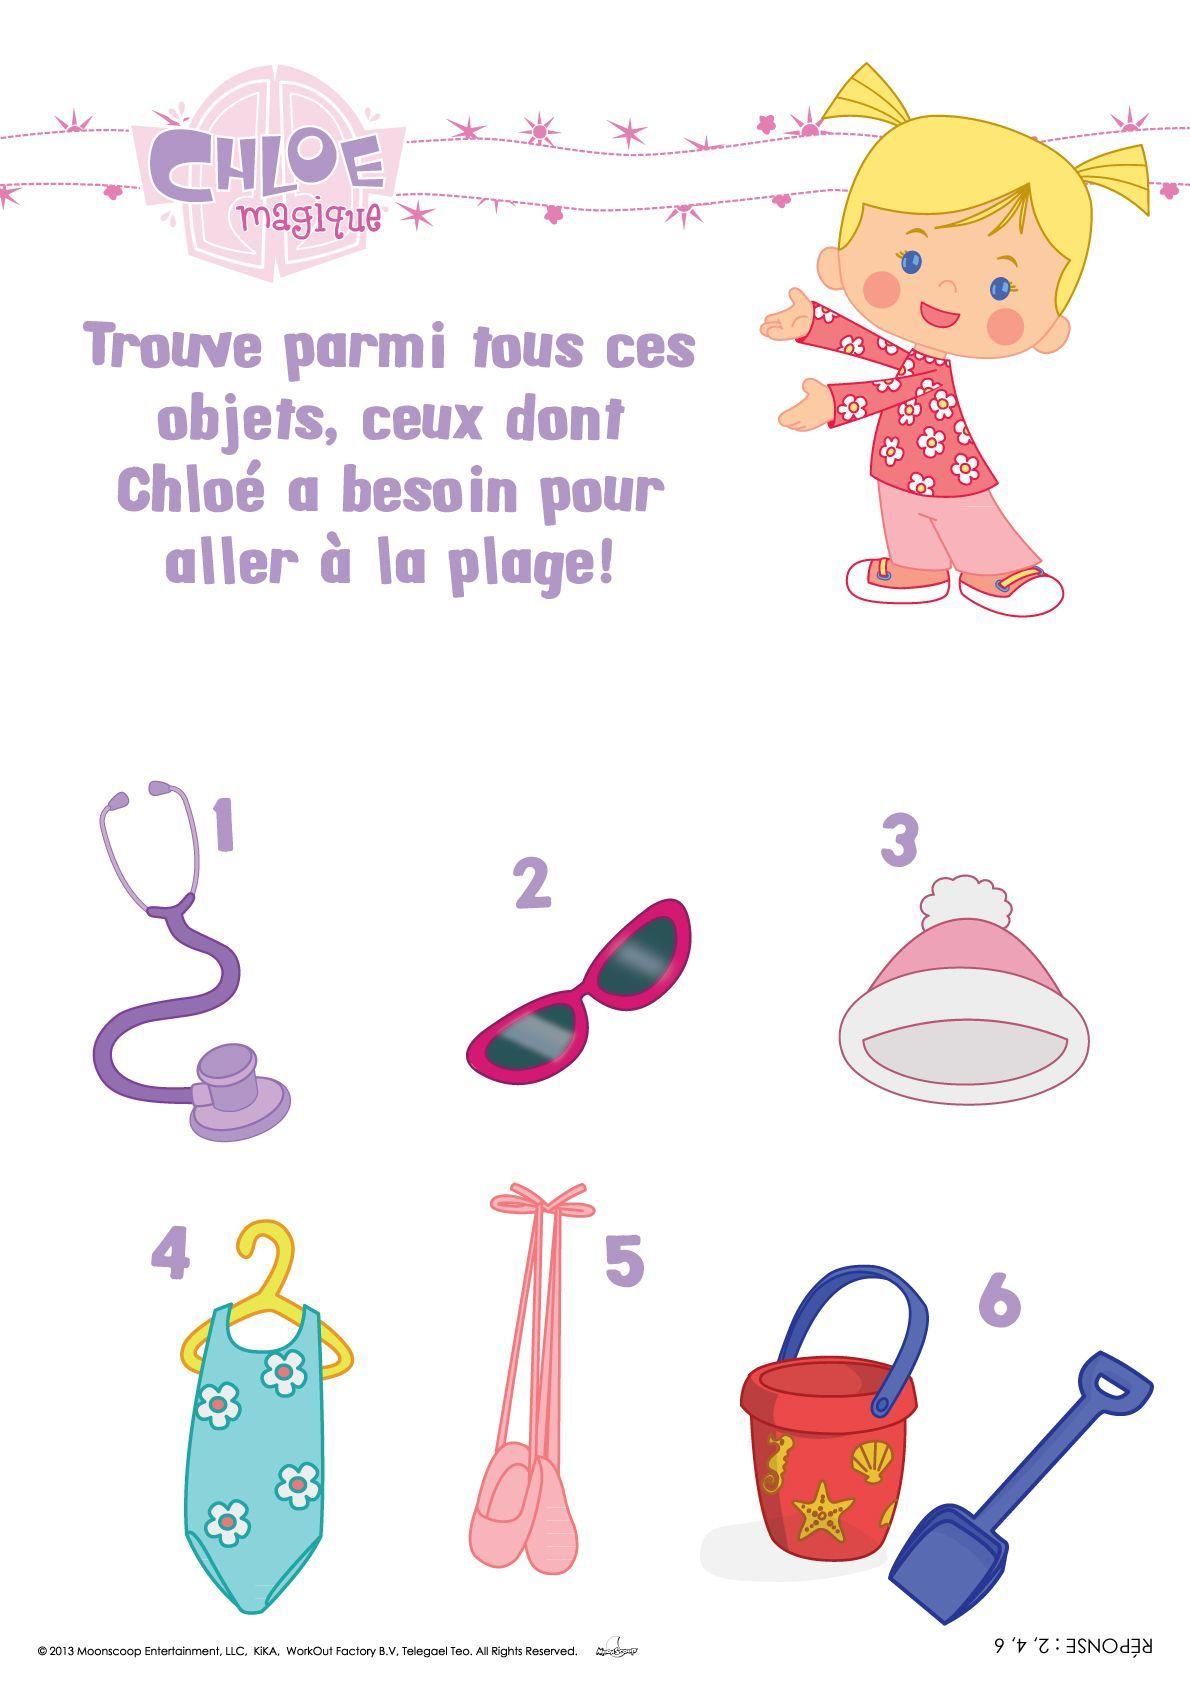 Épinglé Par Lmi Kids Sur Chloe'S Closet / Chloé Magique tout Coloriage Chloé Magique